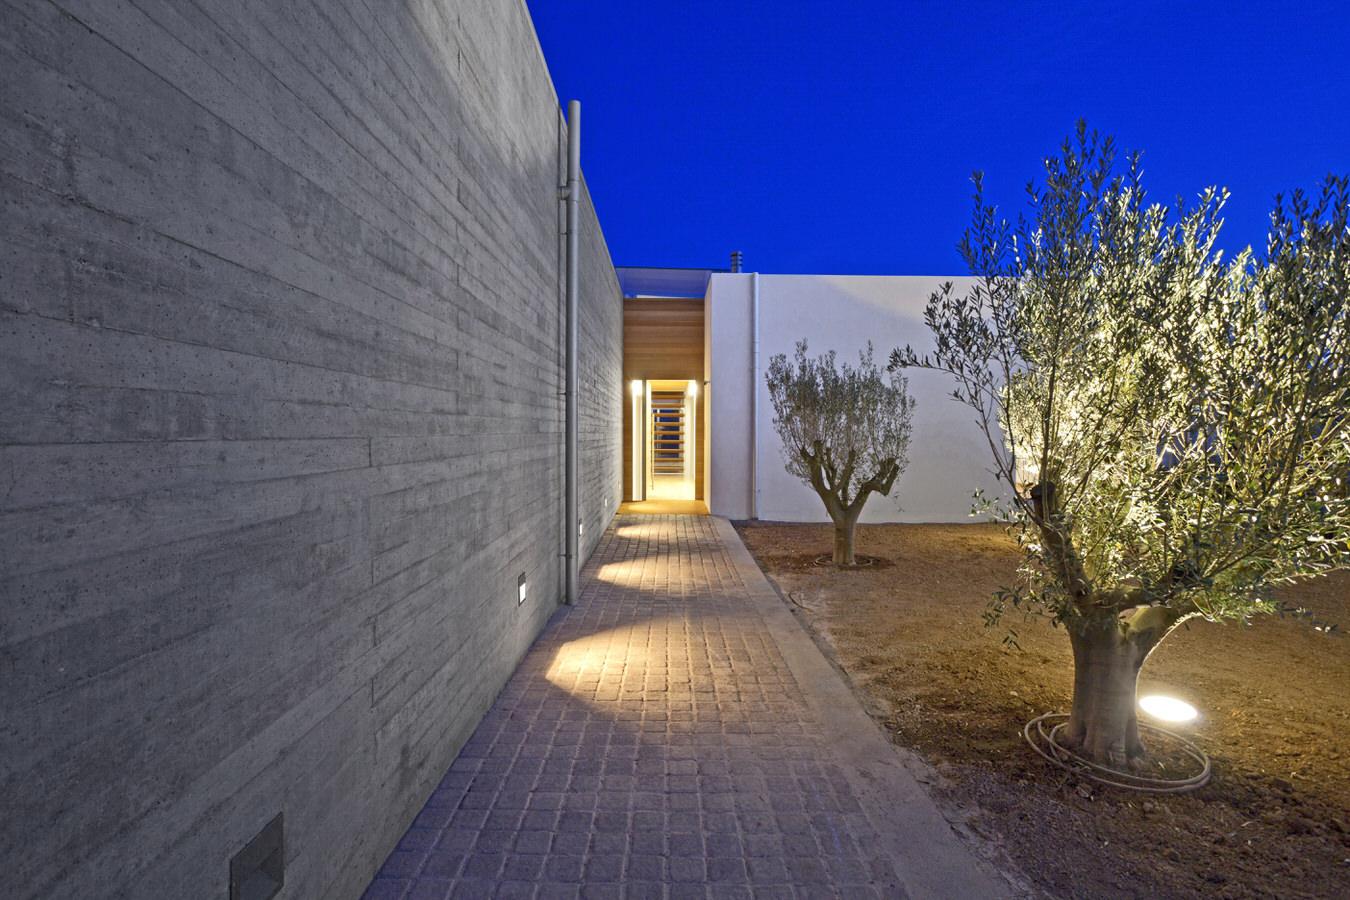 MANSION IN KAVOURI, Γιώργος Φάκαρος - Αρχιτεκτονική Φωτογραφία | Εσωτερικοί Χώροι | Φωτογραφία Ξενοδοχειών - Photography / Φωτογραφία